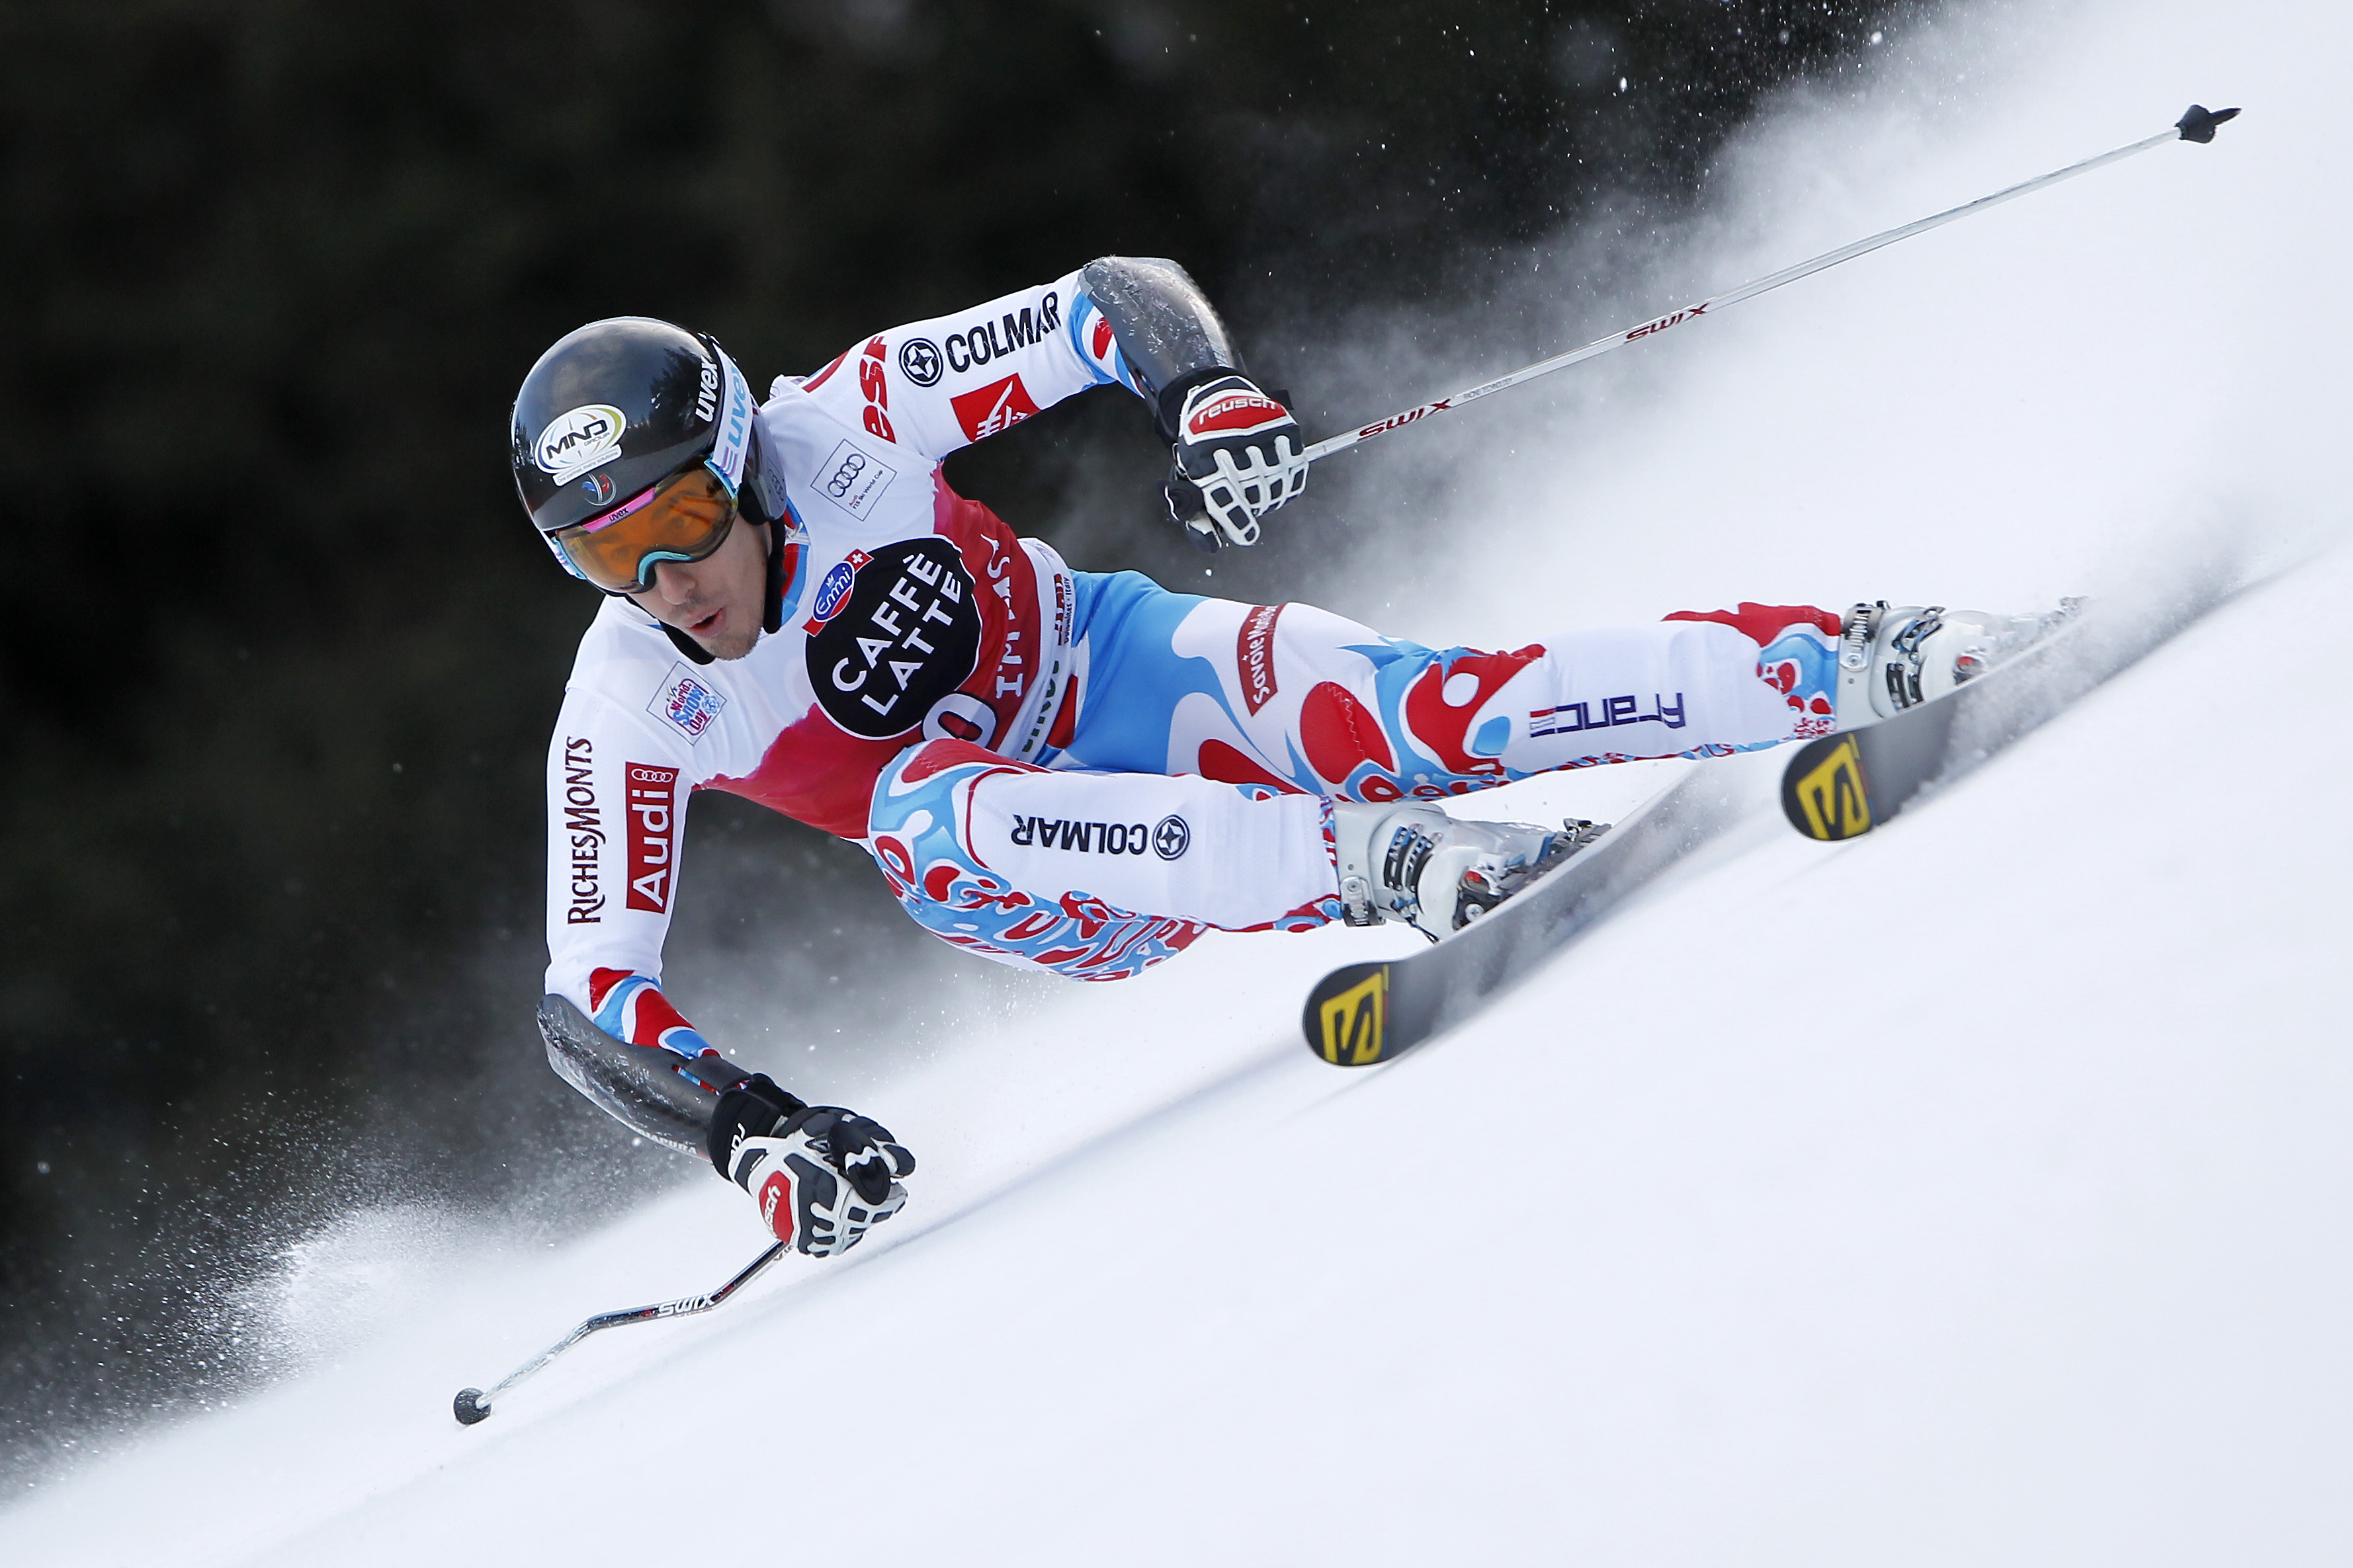 Coupe du monde ski alpin canalsat suisse - Coupe du monde ski alpin 2015 calendrier ...